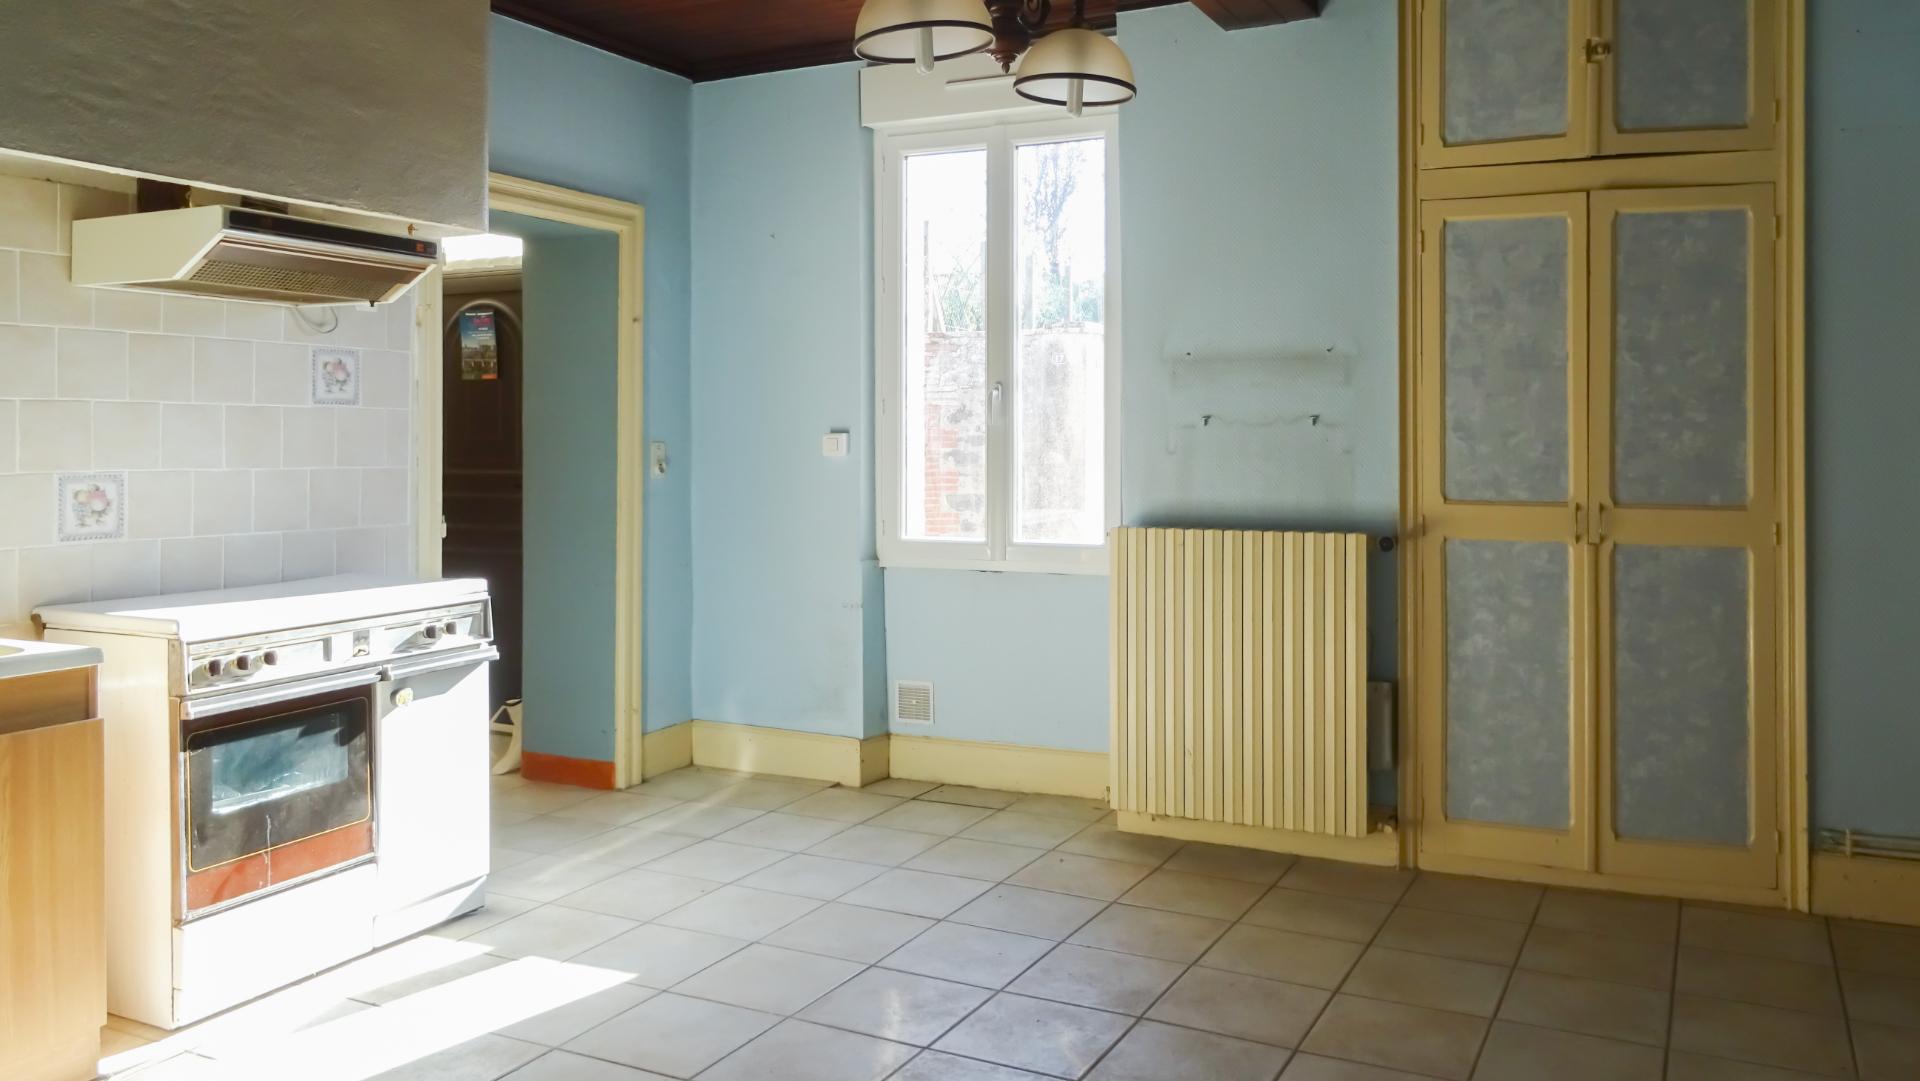 Photo Maison de Plain-pied Saint-Juéry  de 91M² image 3/6